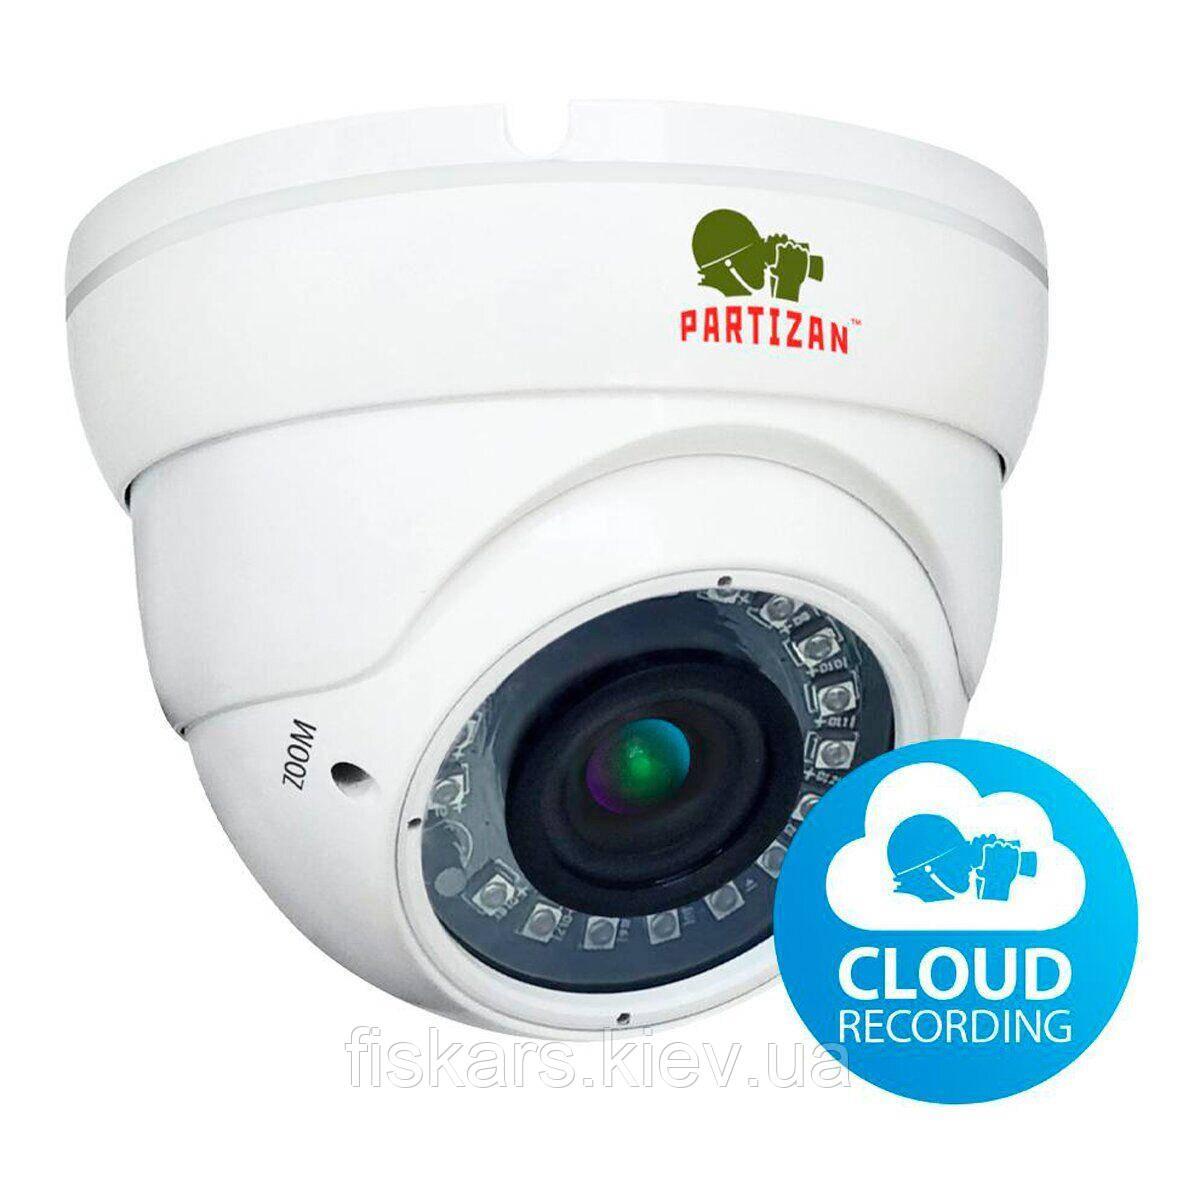 2 Мп варифокальная IP-видеокамера Partizan IPD-VF2MP-IR SE v2.1 Cloud